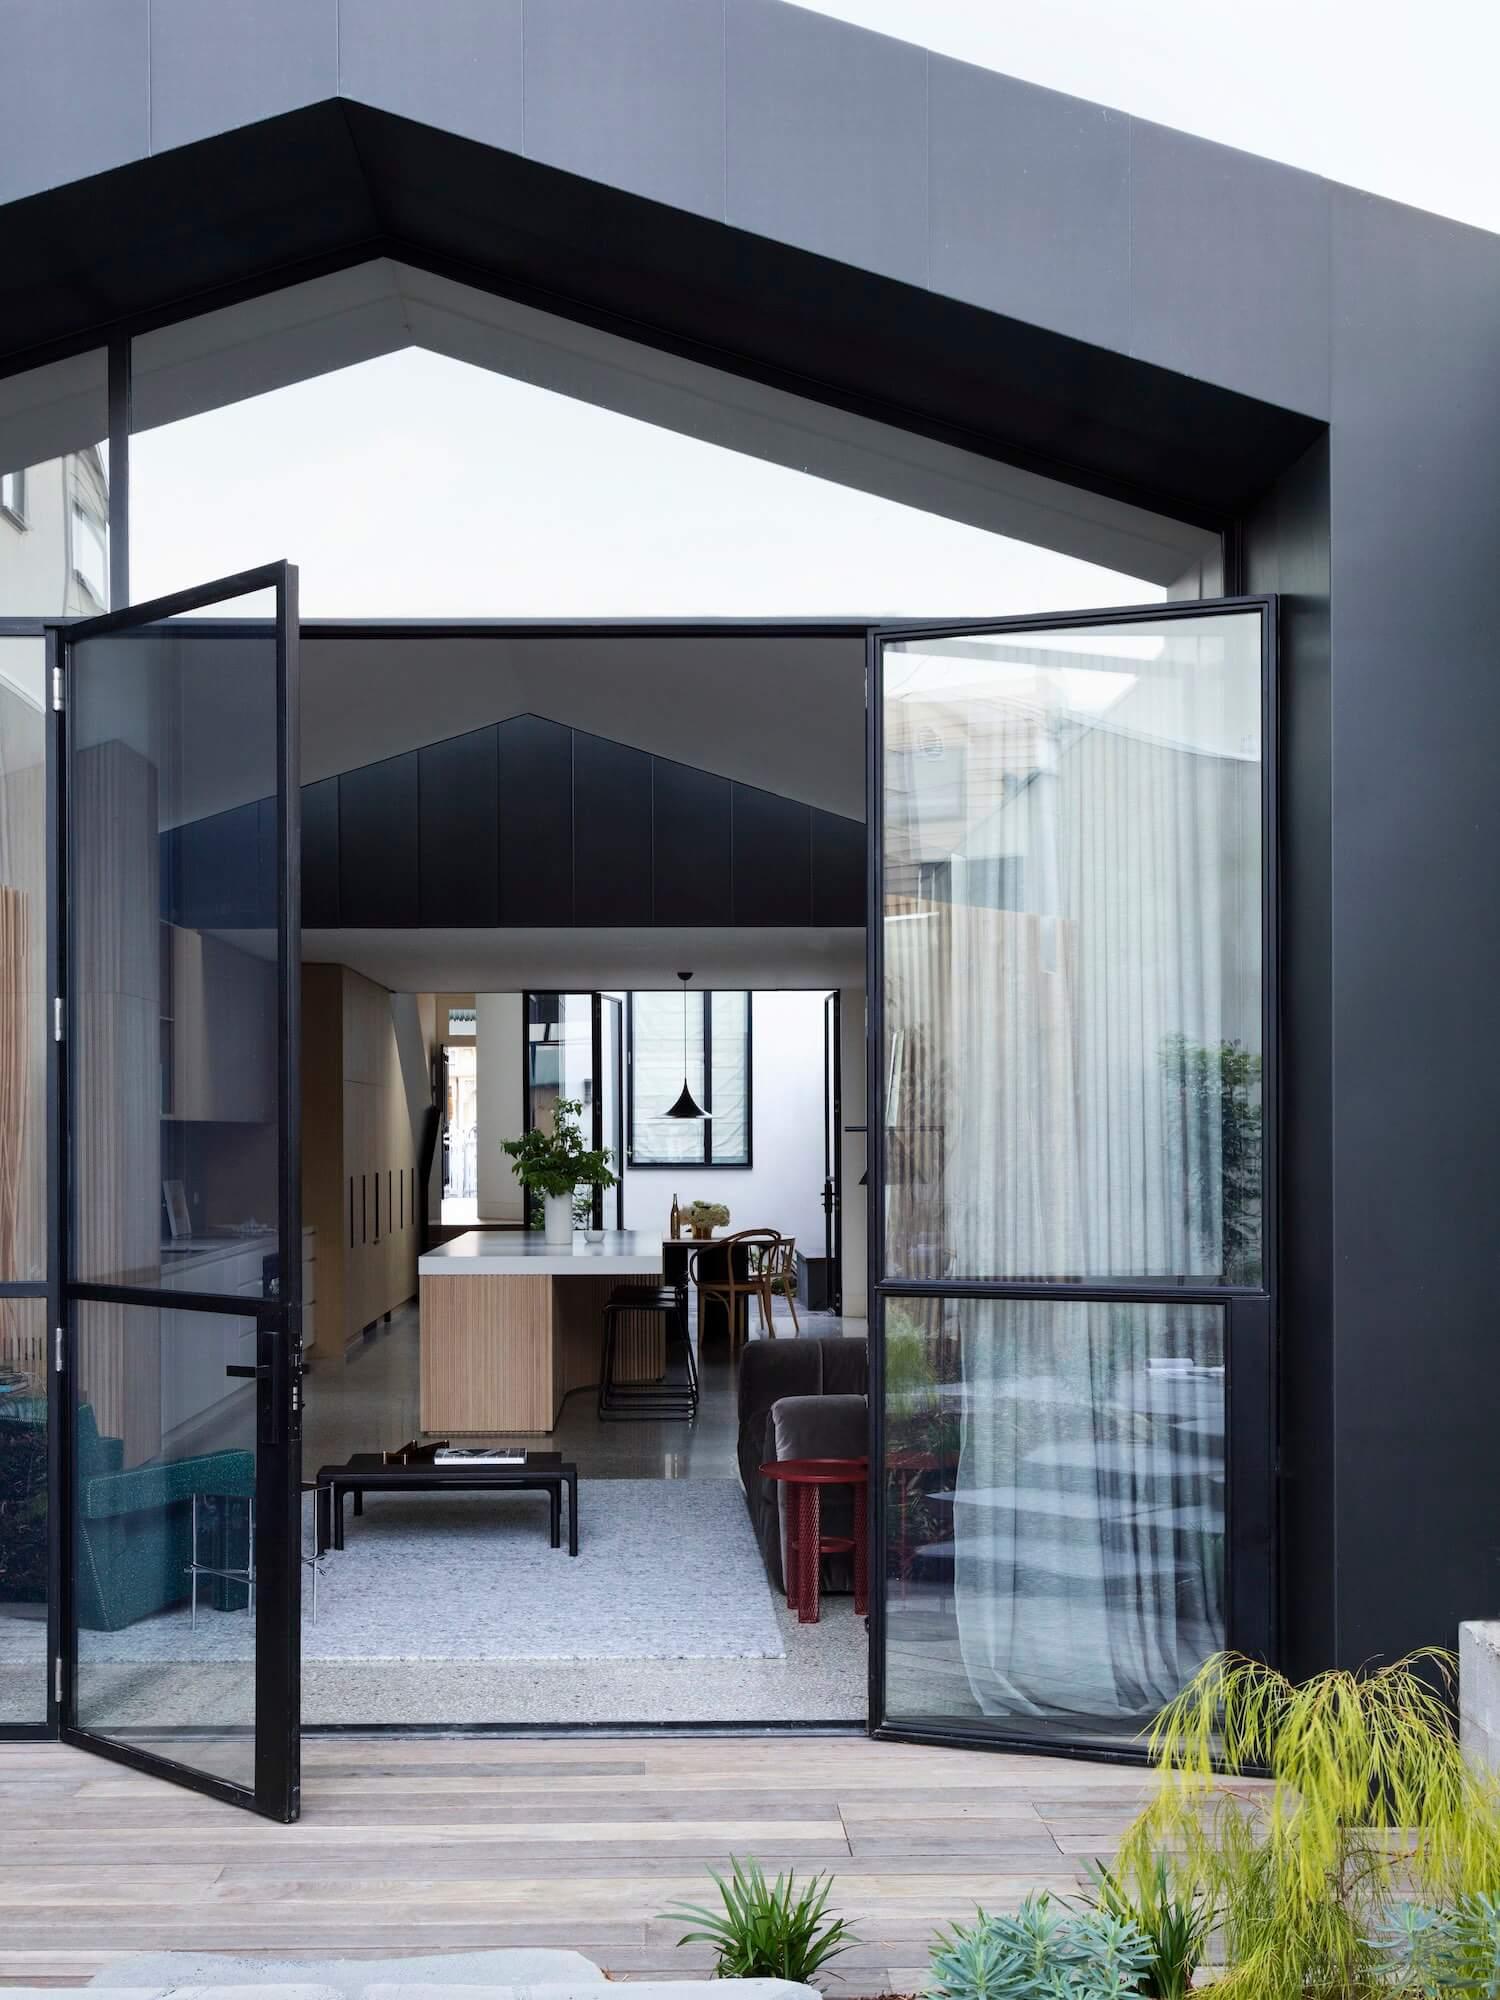 Est living port melbourne house pandolfini architects 8